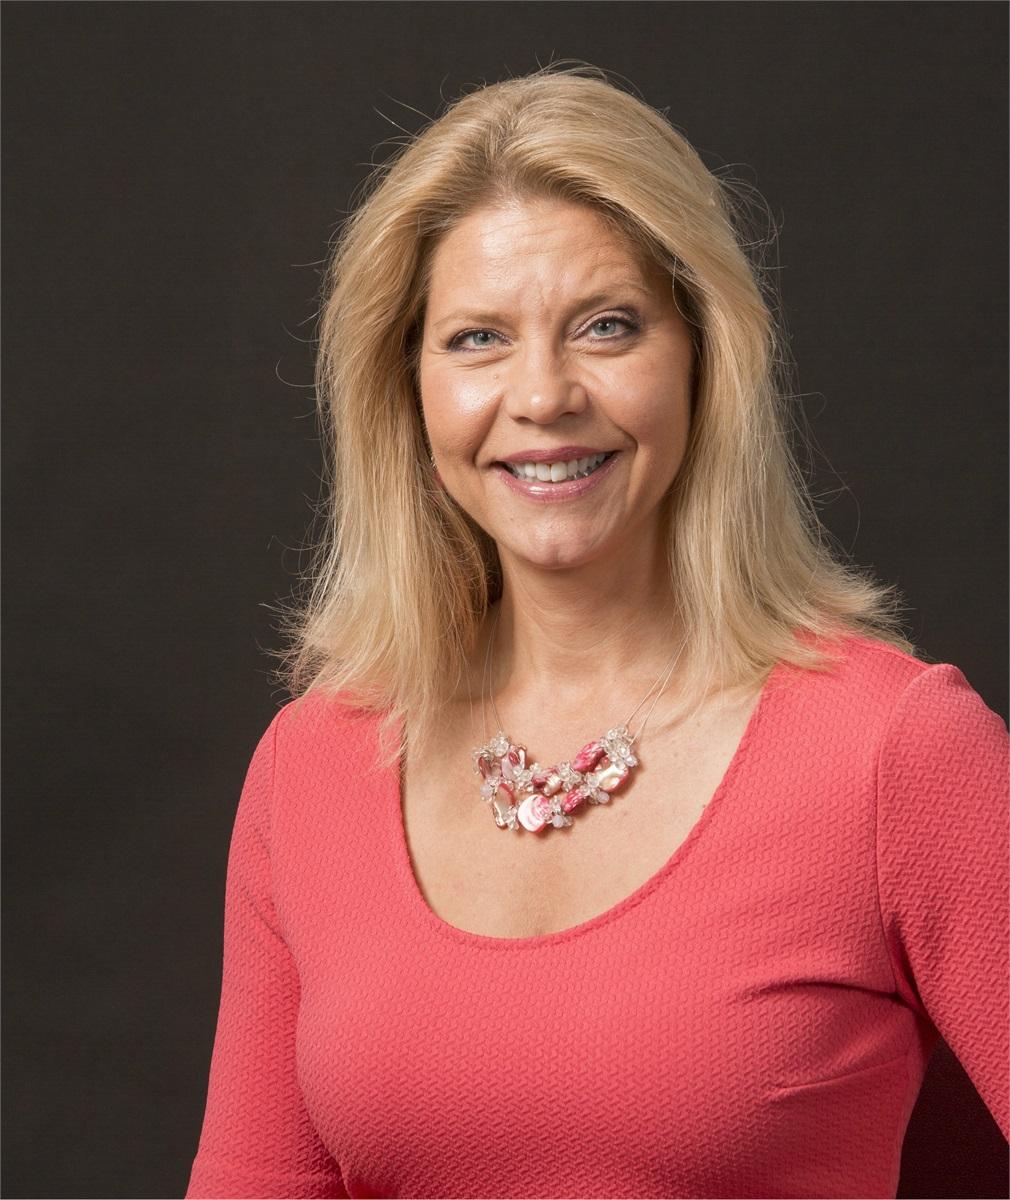 Ann Schomber